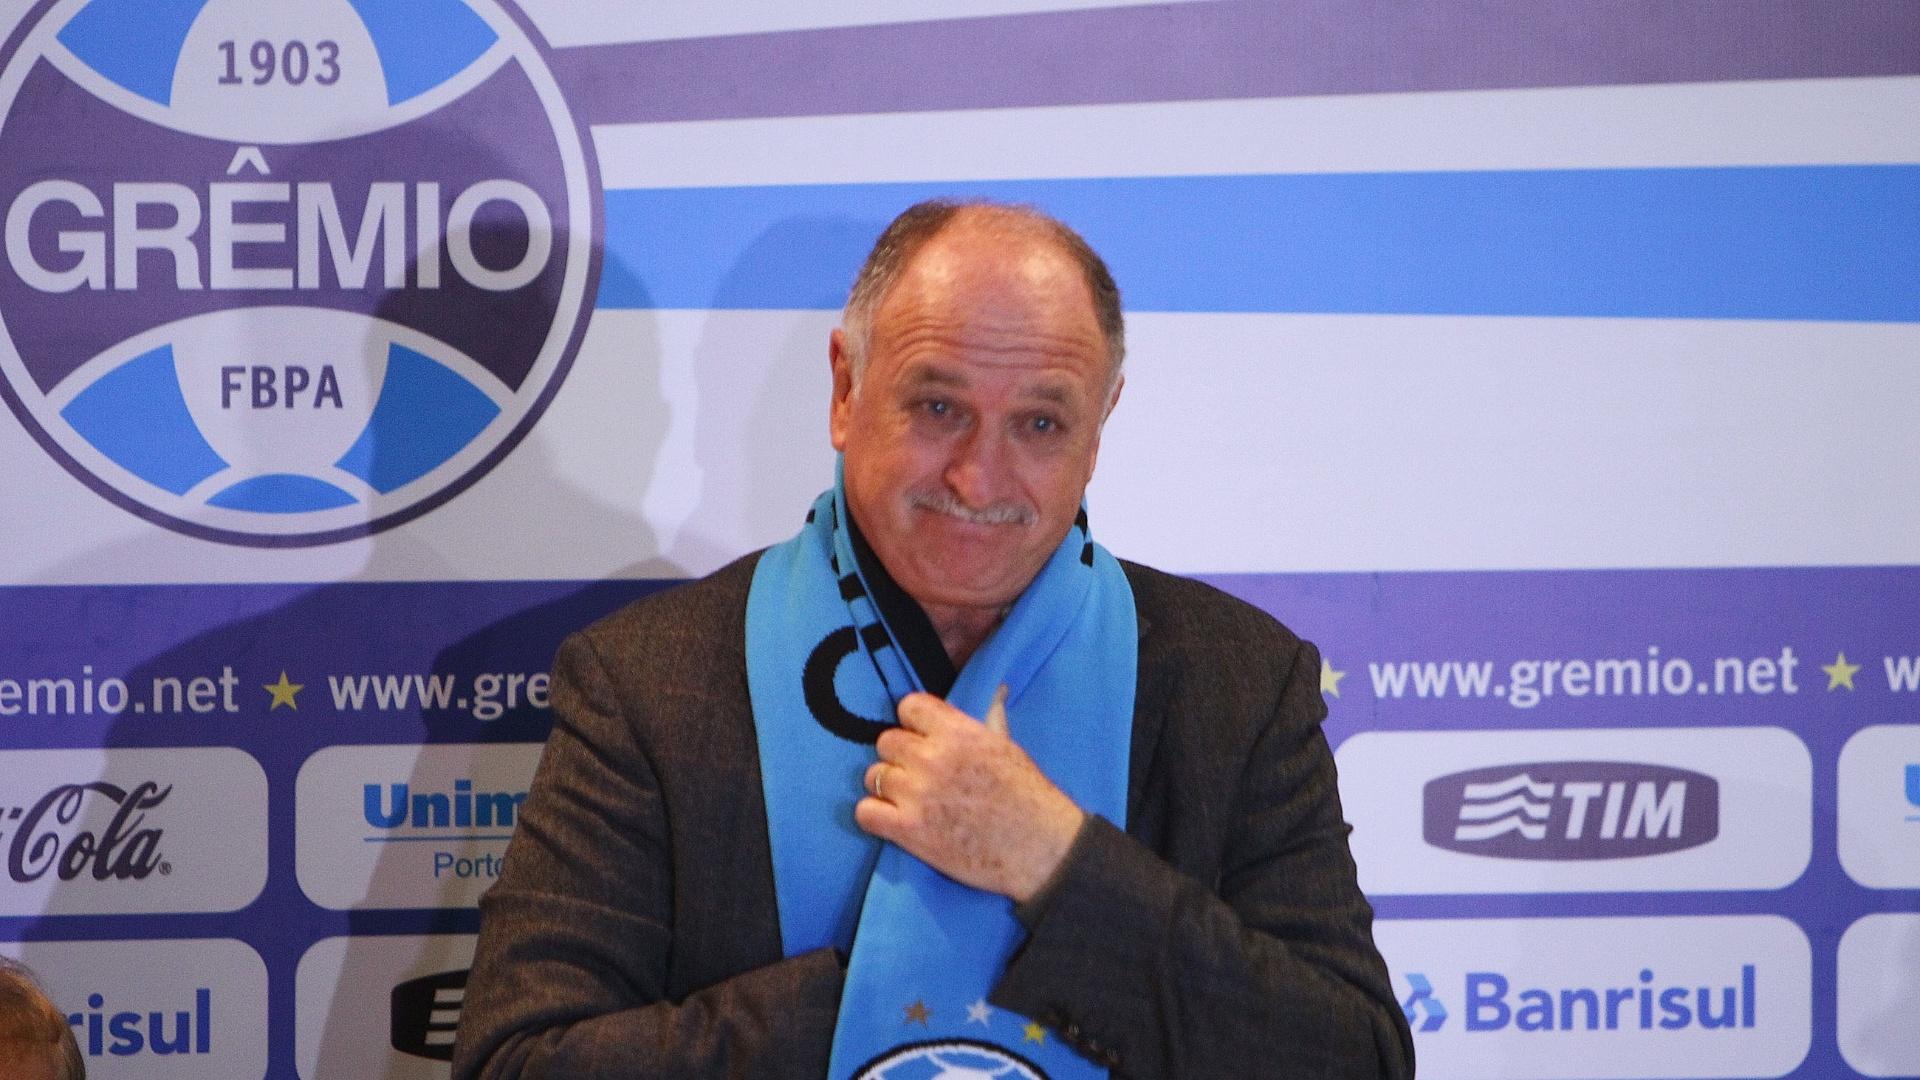 30.07.2014 - Felipão é apresentado como novo técnico do Grêmio